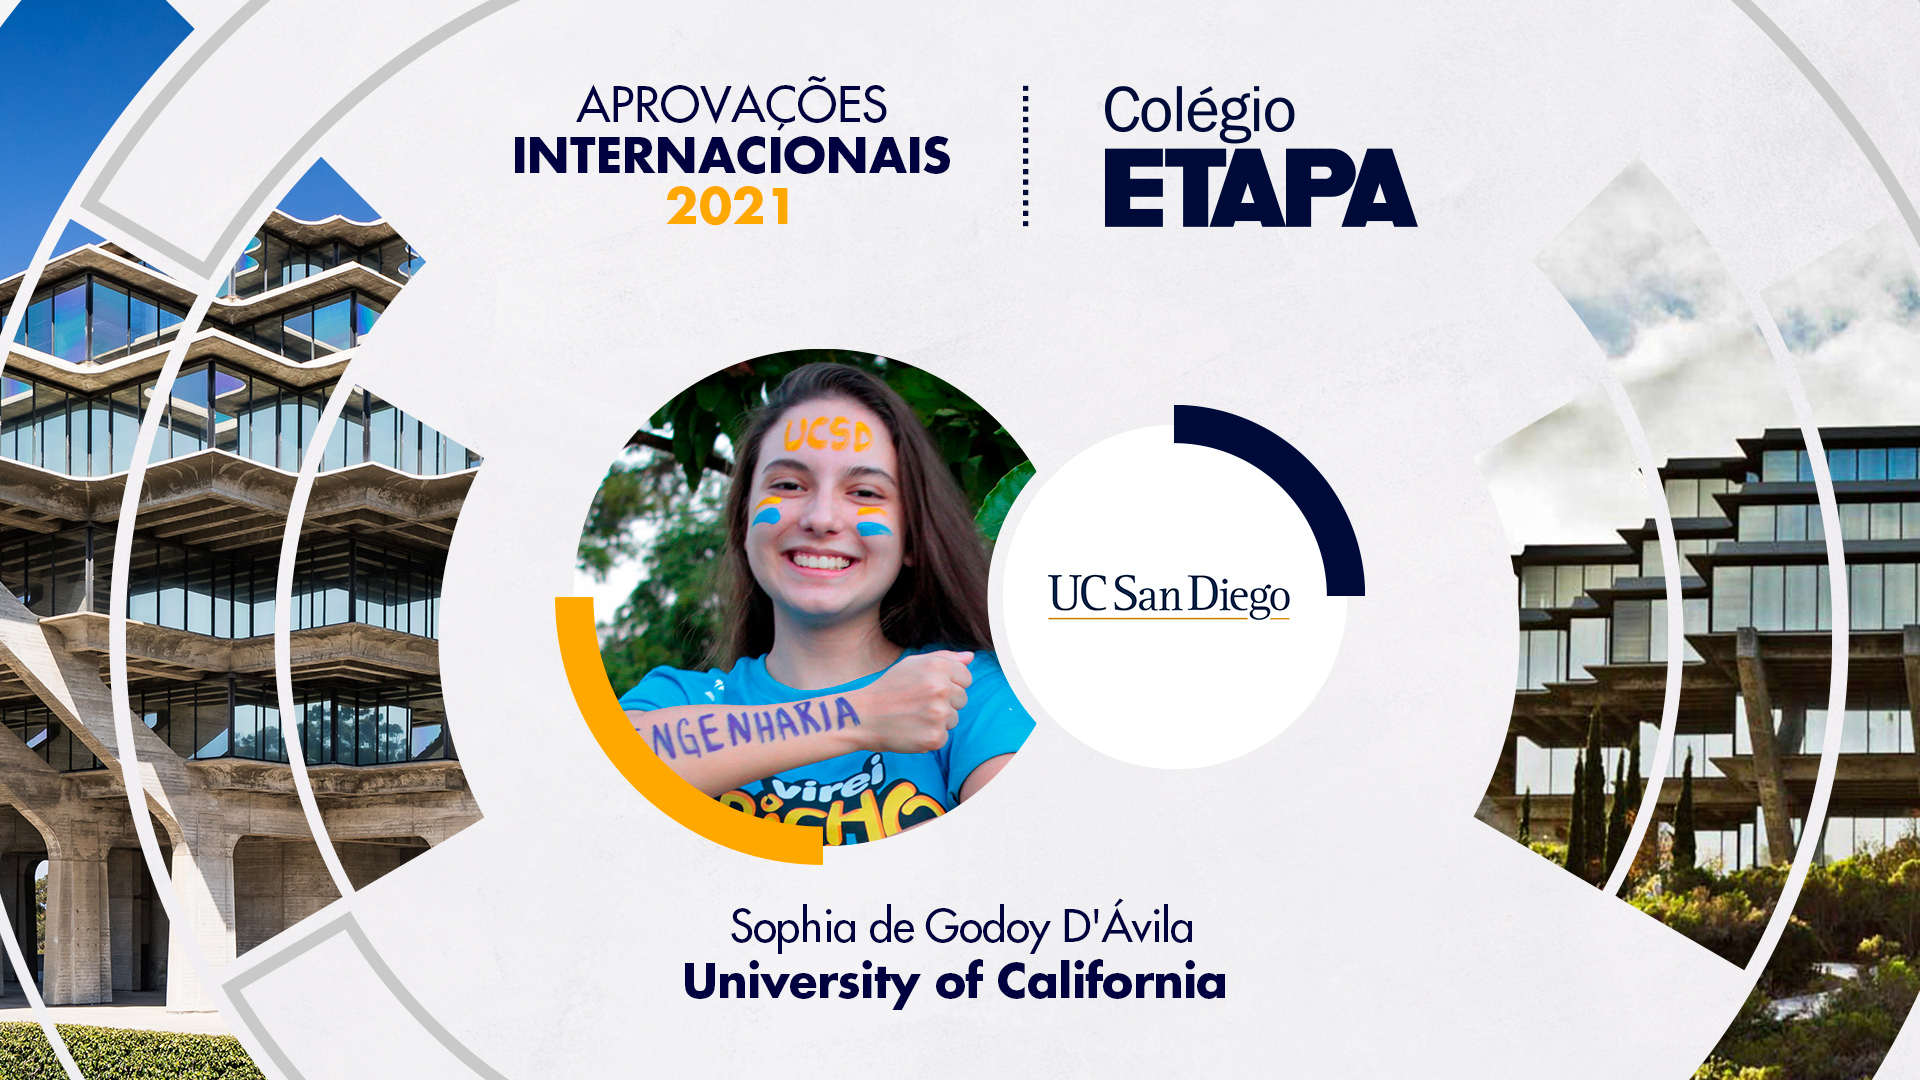 Aprovações Internacionais 2021: Sophia de Godoy D'Ávila